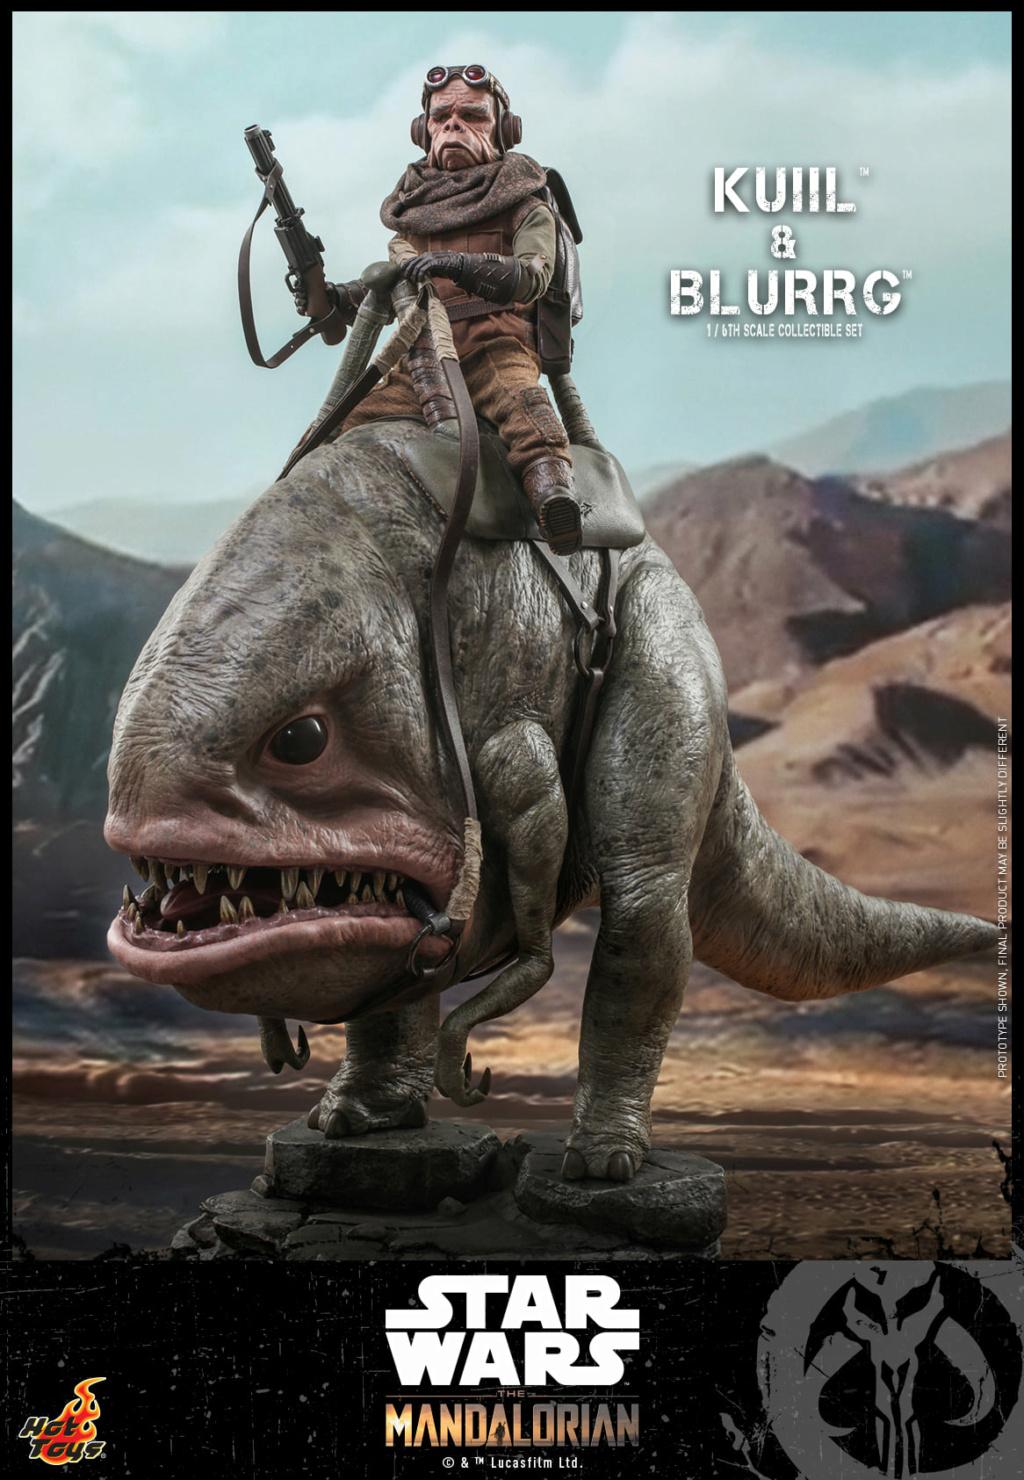 Kuiil & Blurrg Collectible Set - Star Wars - Hot Toys Kuiil_31